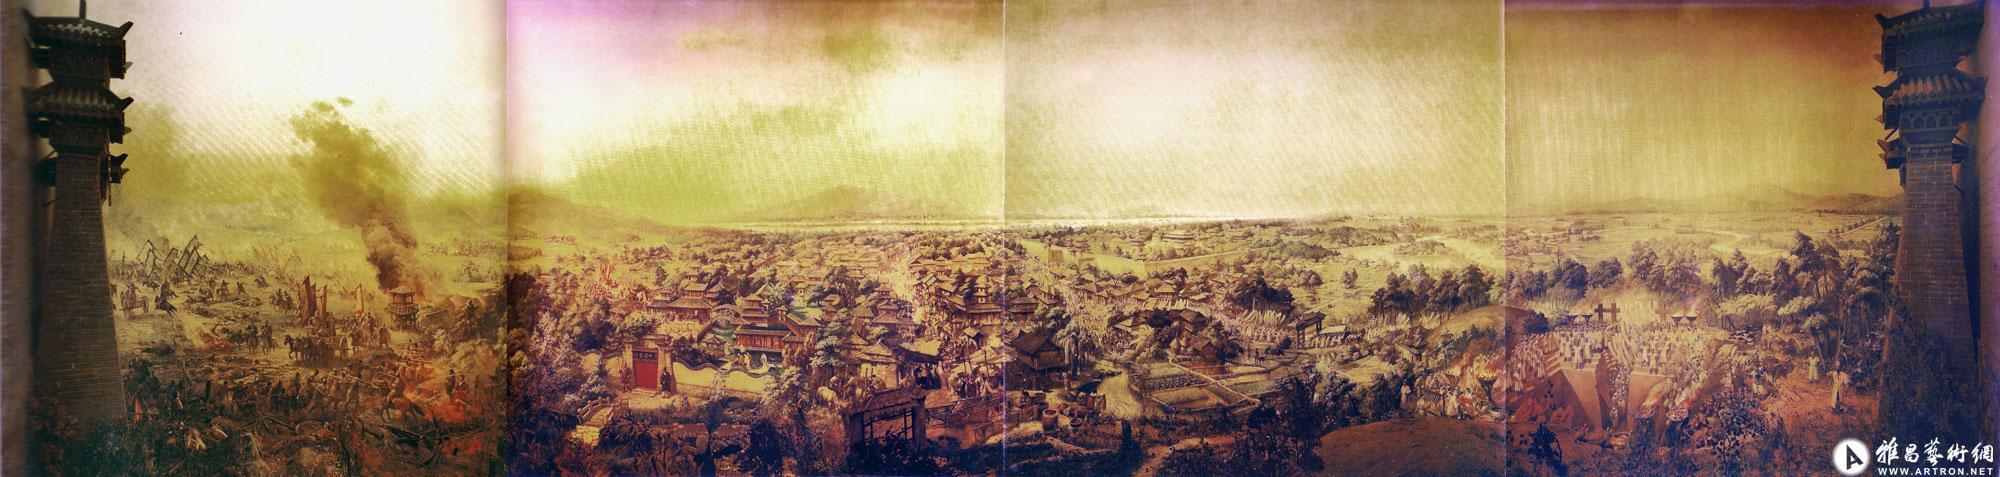 马王堆半景画